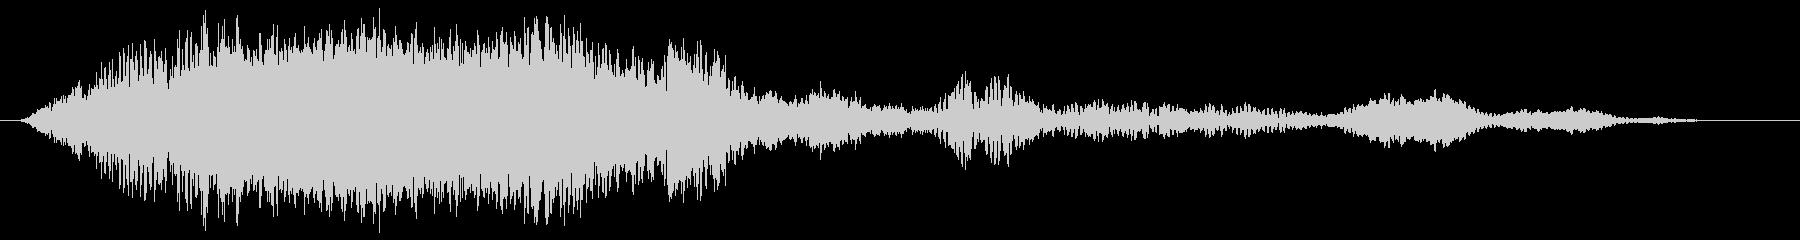 綺麗な幻想的宇宙サウンド/企業ロゴの未再生の波形